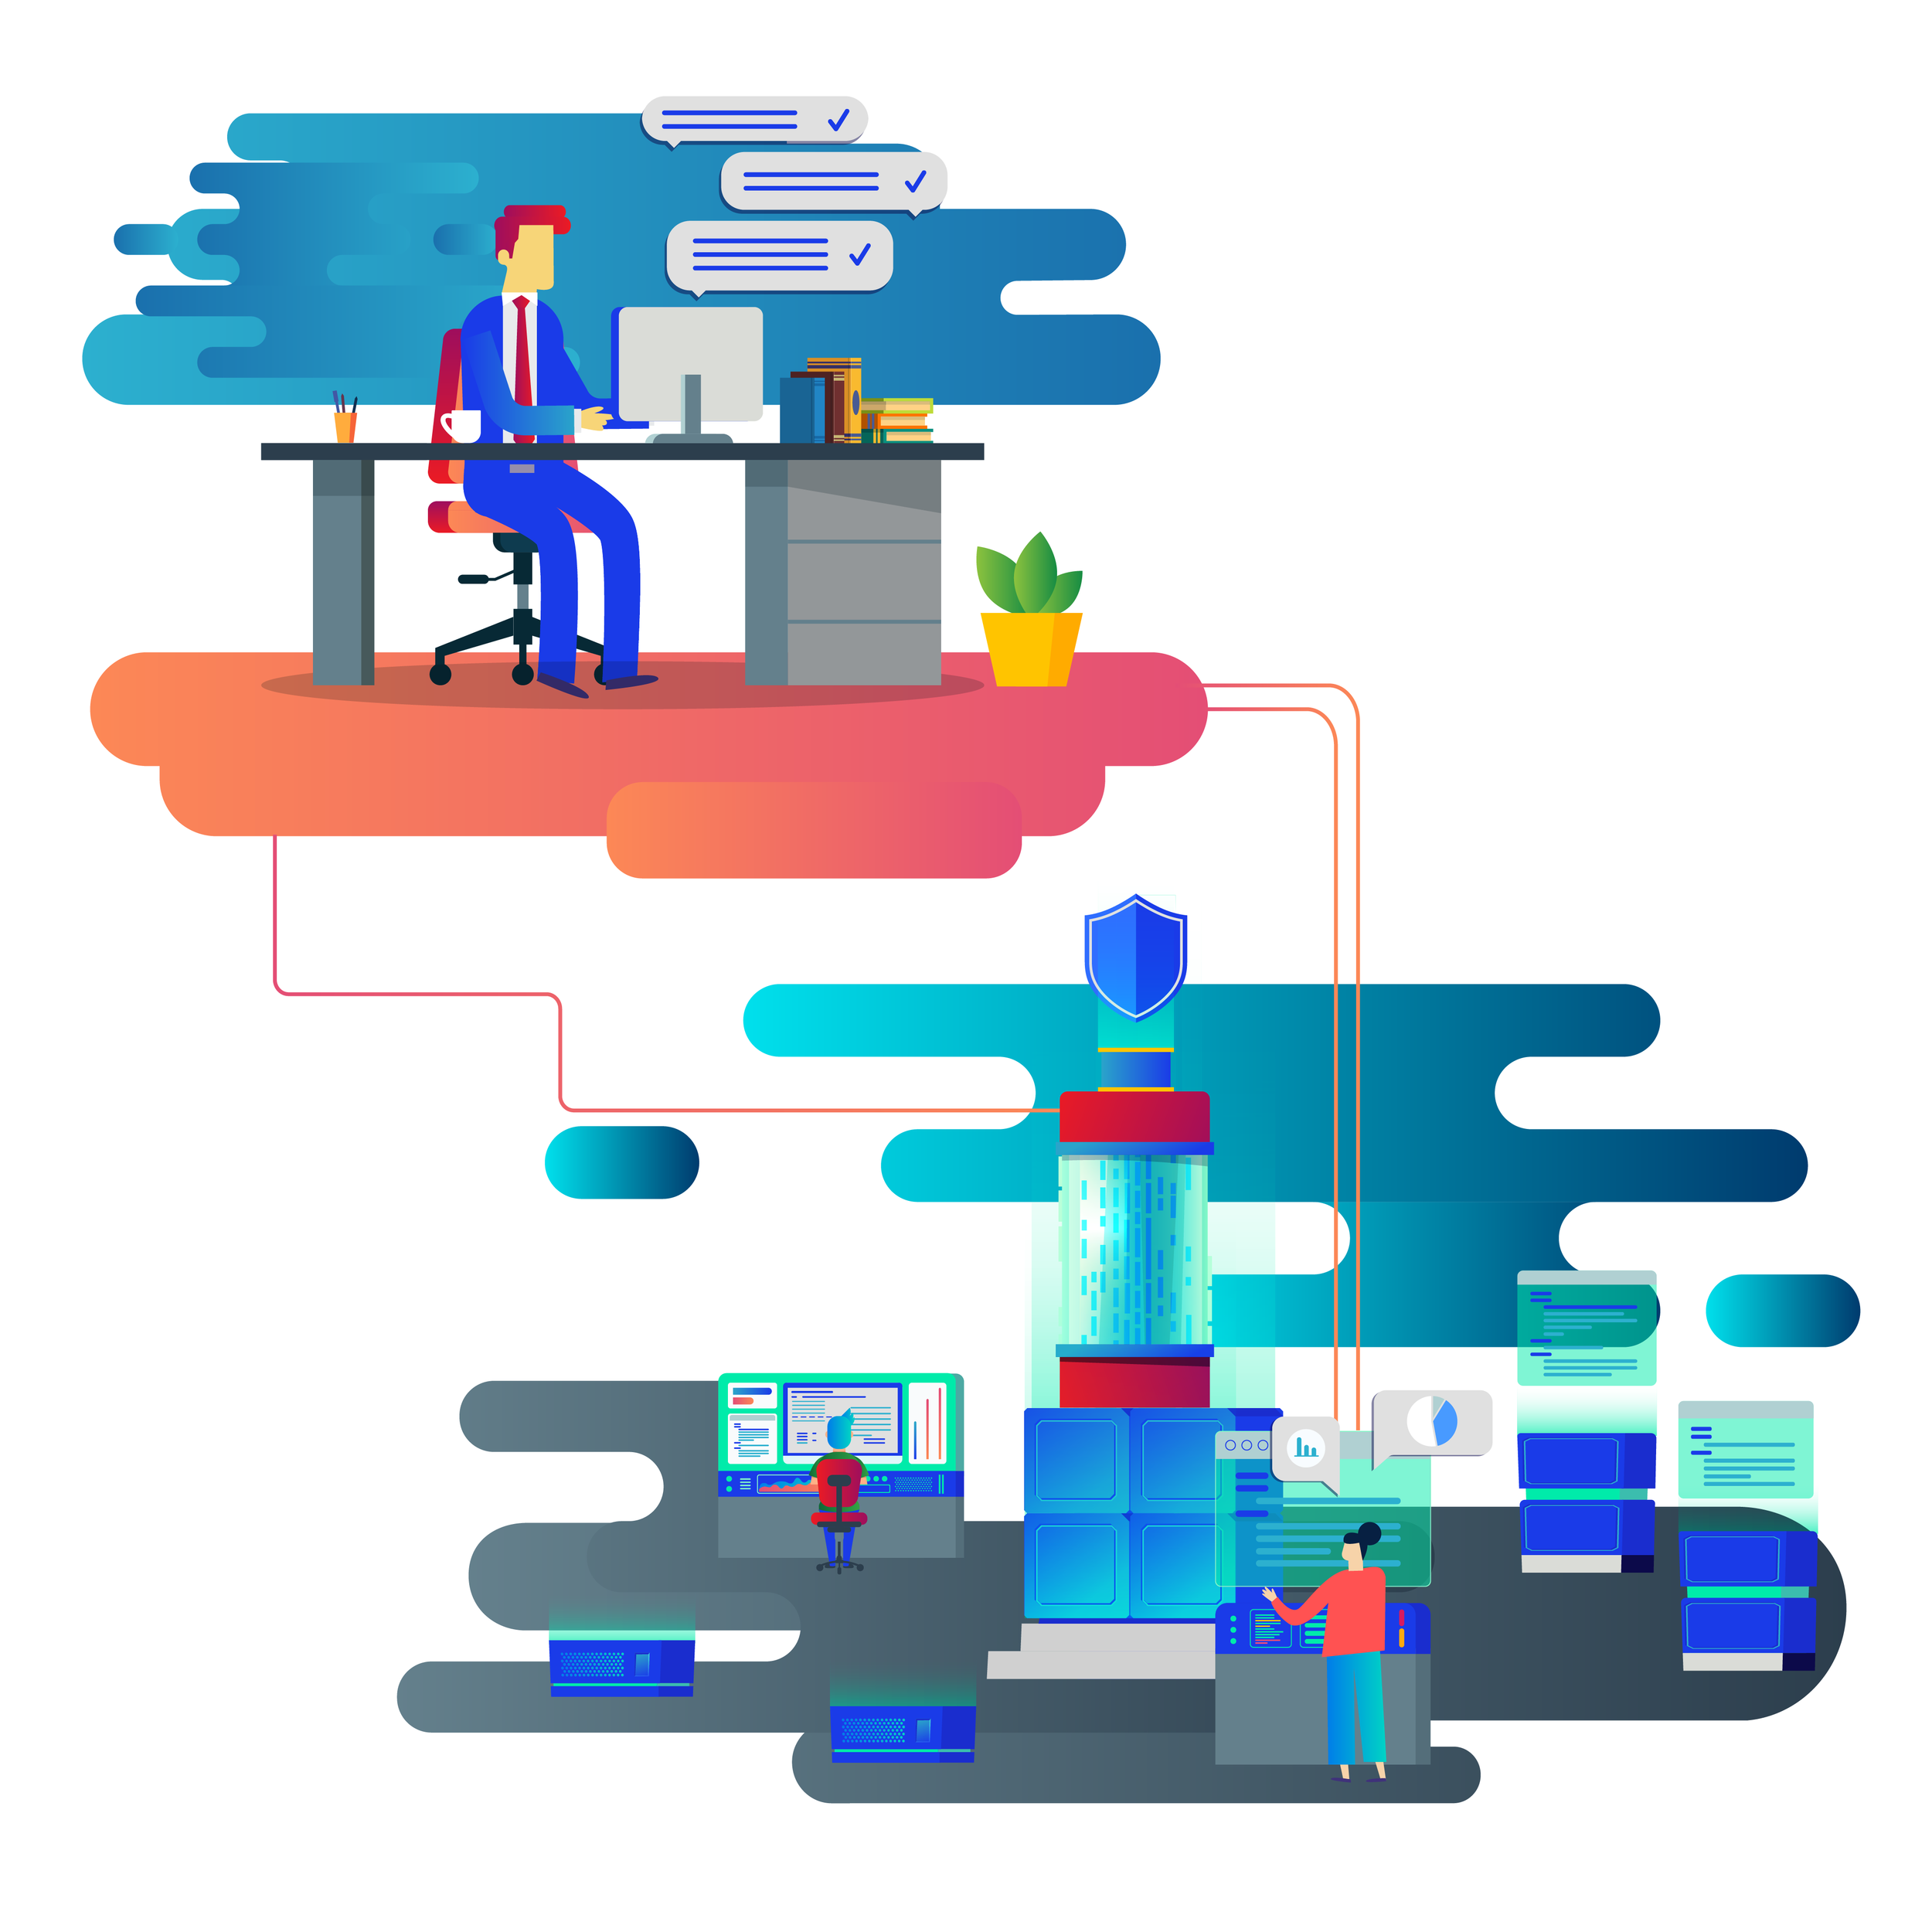 Stabil og sikker drift av IT og infrastruktur - DX har erfaring og kompetanse fra drift av egne løsninger, samt 15 års driftserfaring for andre kunder. Det bruker vi til å hjelpe dere med en stabil infrastruktur og effektiv arbeidshverdag.